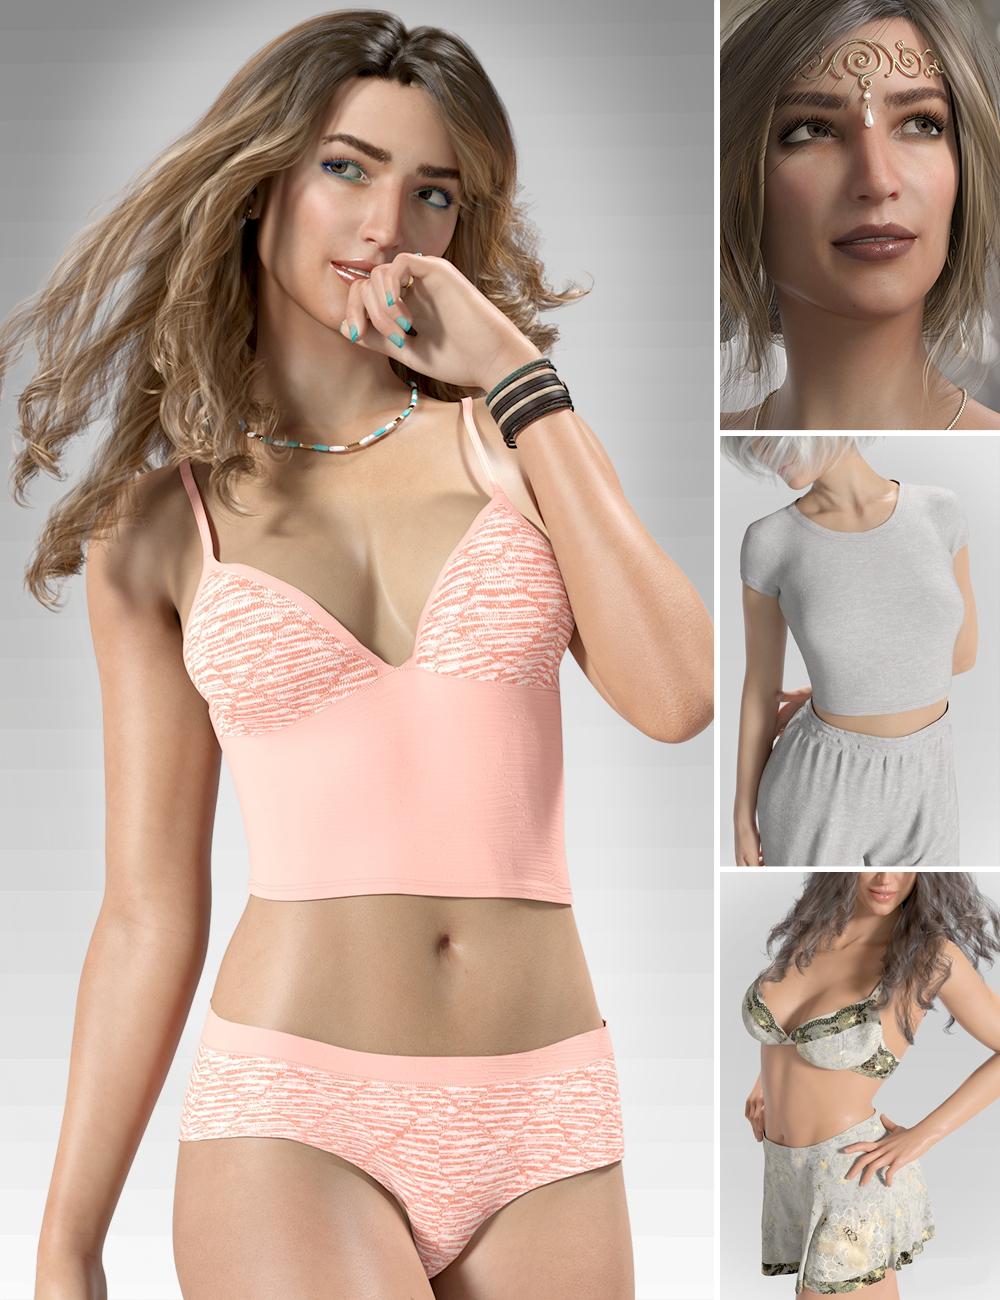 Sterling's Nightwear Bundle by: Lyoness, 3D Models by Daz 3D